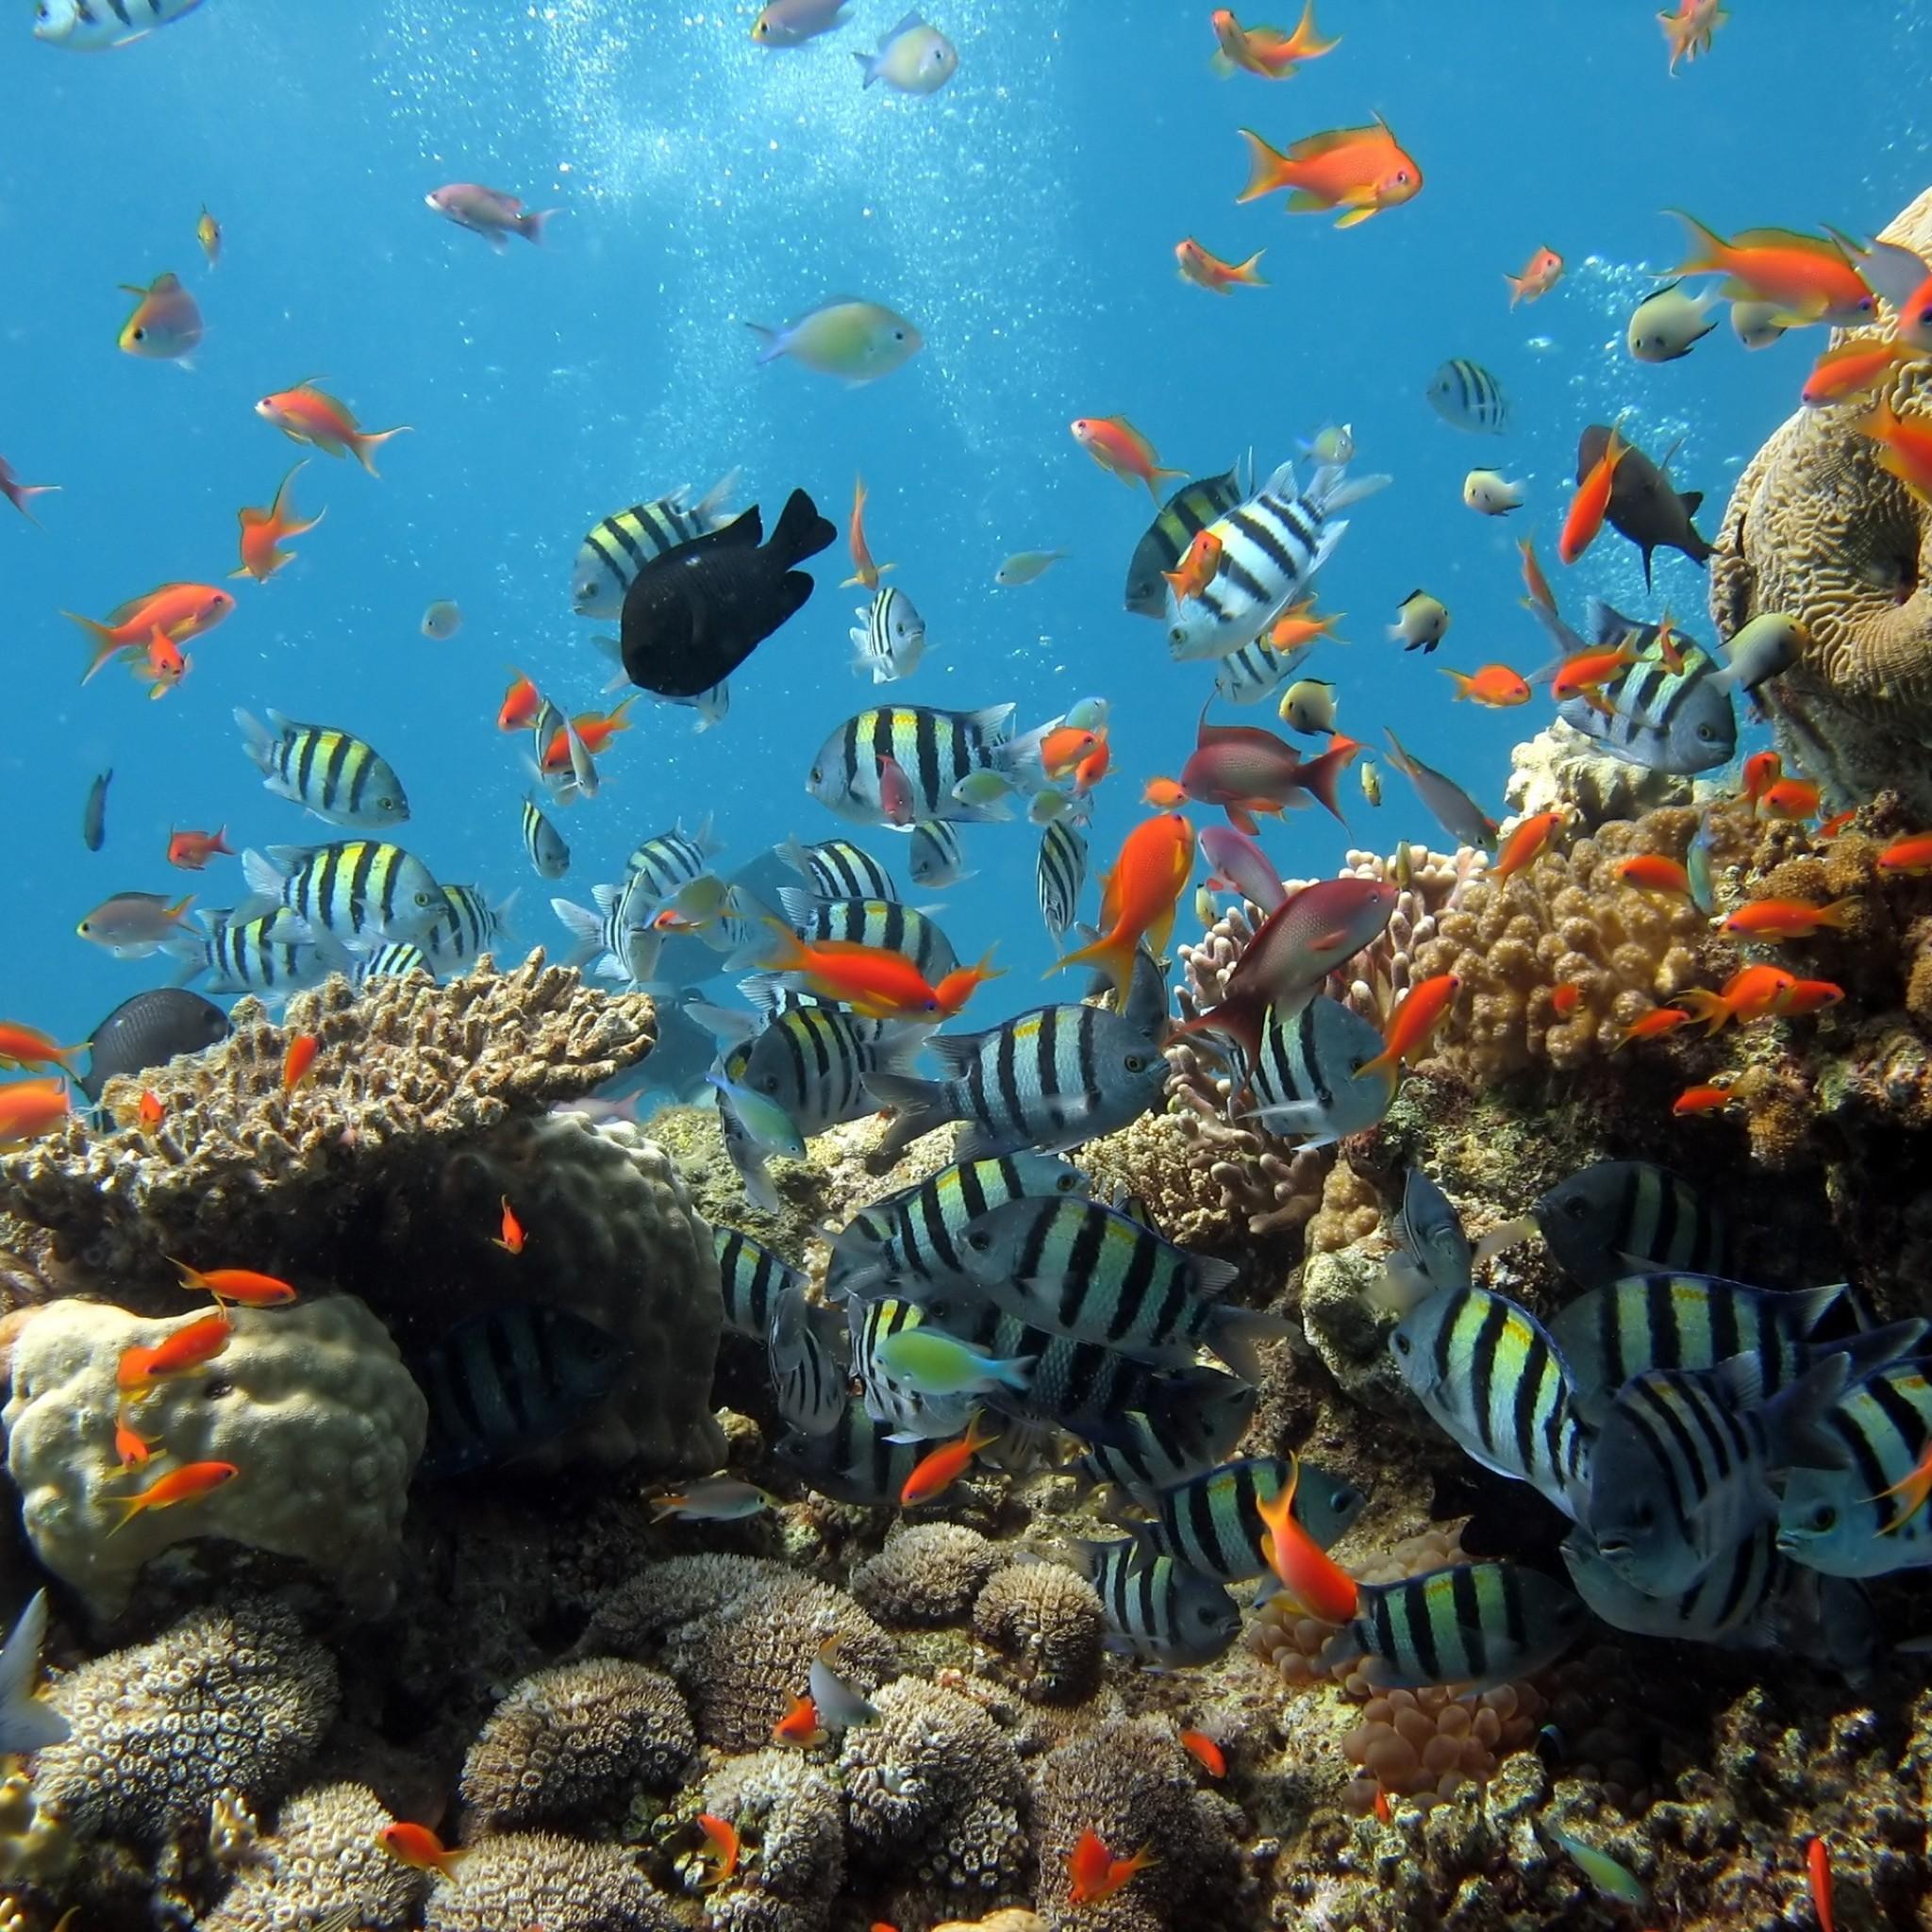 Underwater Ocean Wallpaper 57 Images